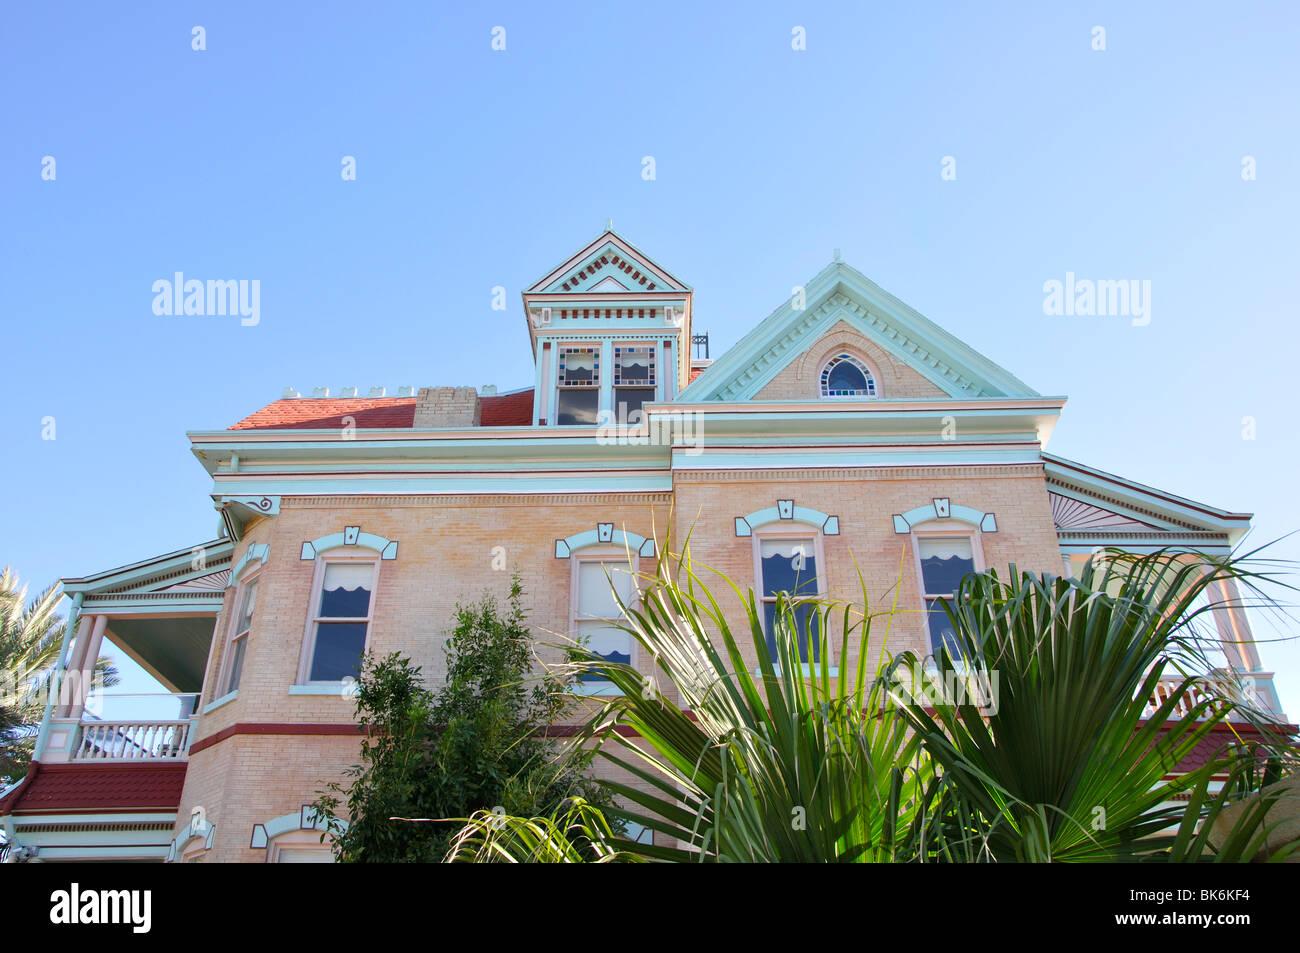 Grand Hotel, Key West, Florida, USA - Stock Image